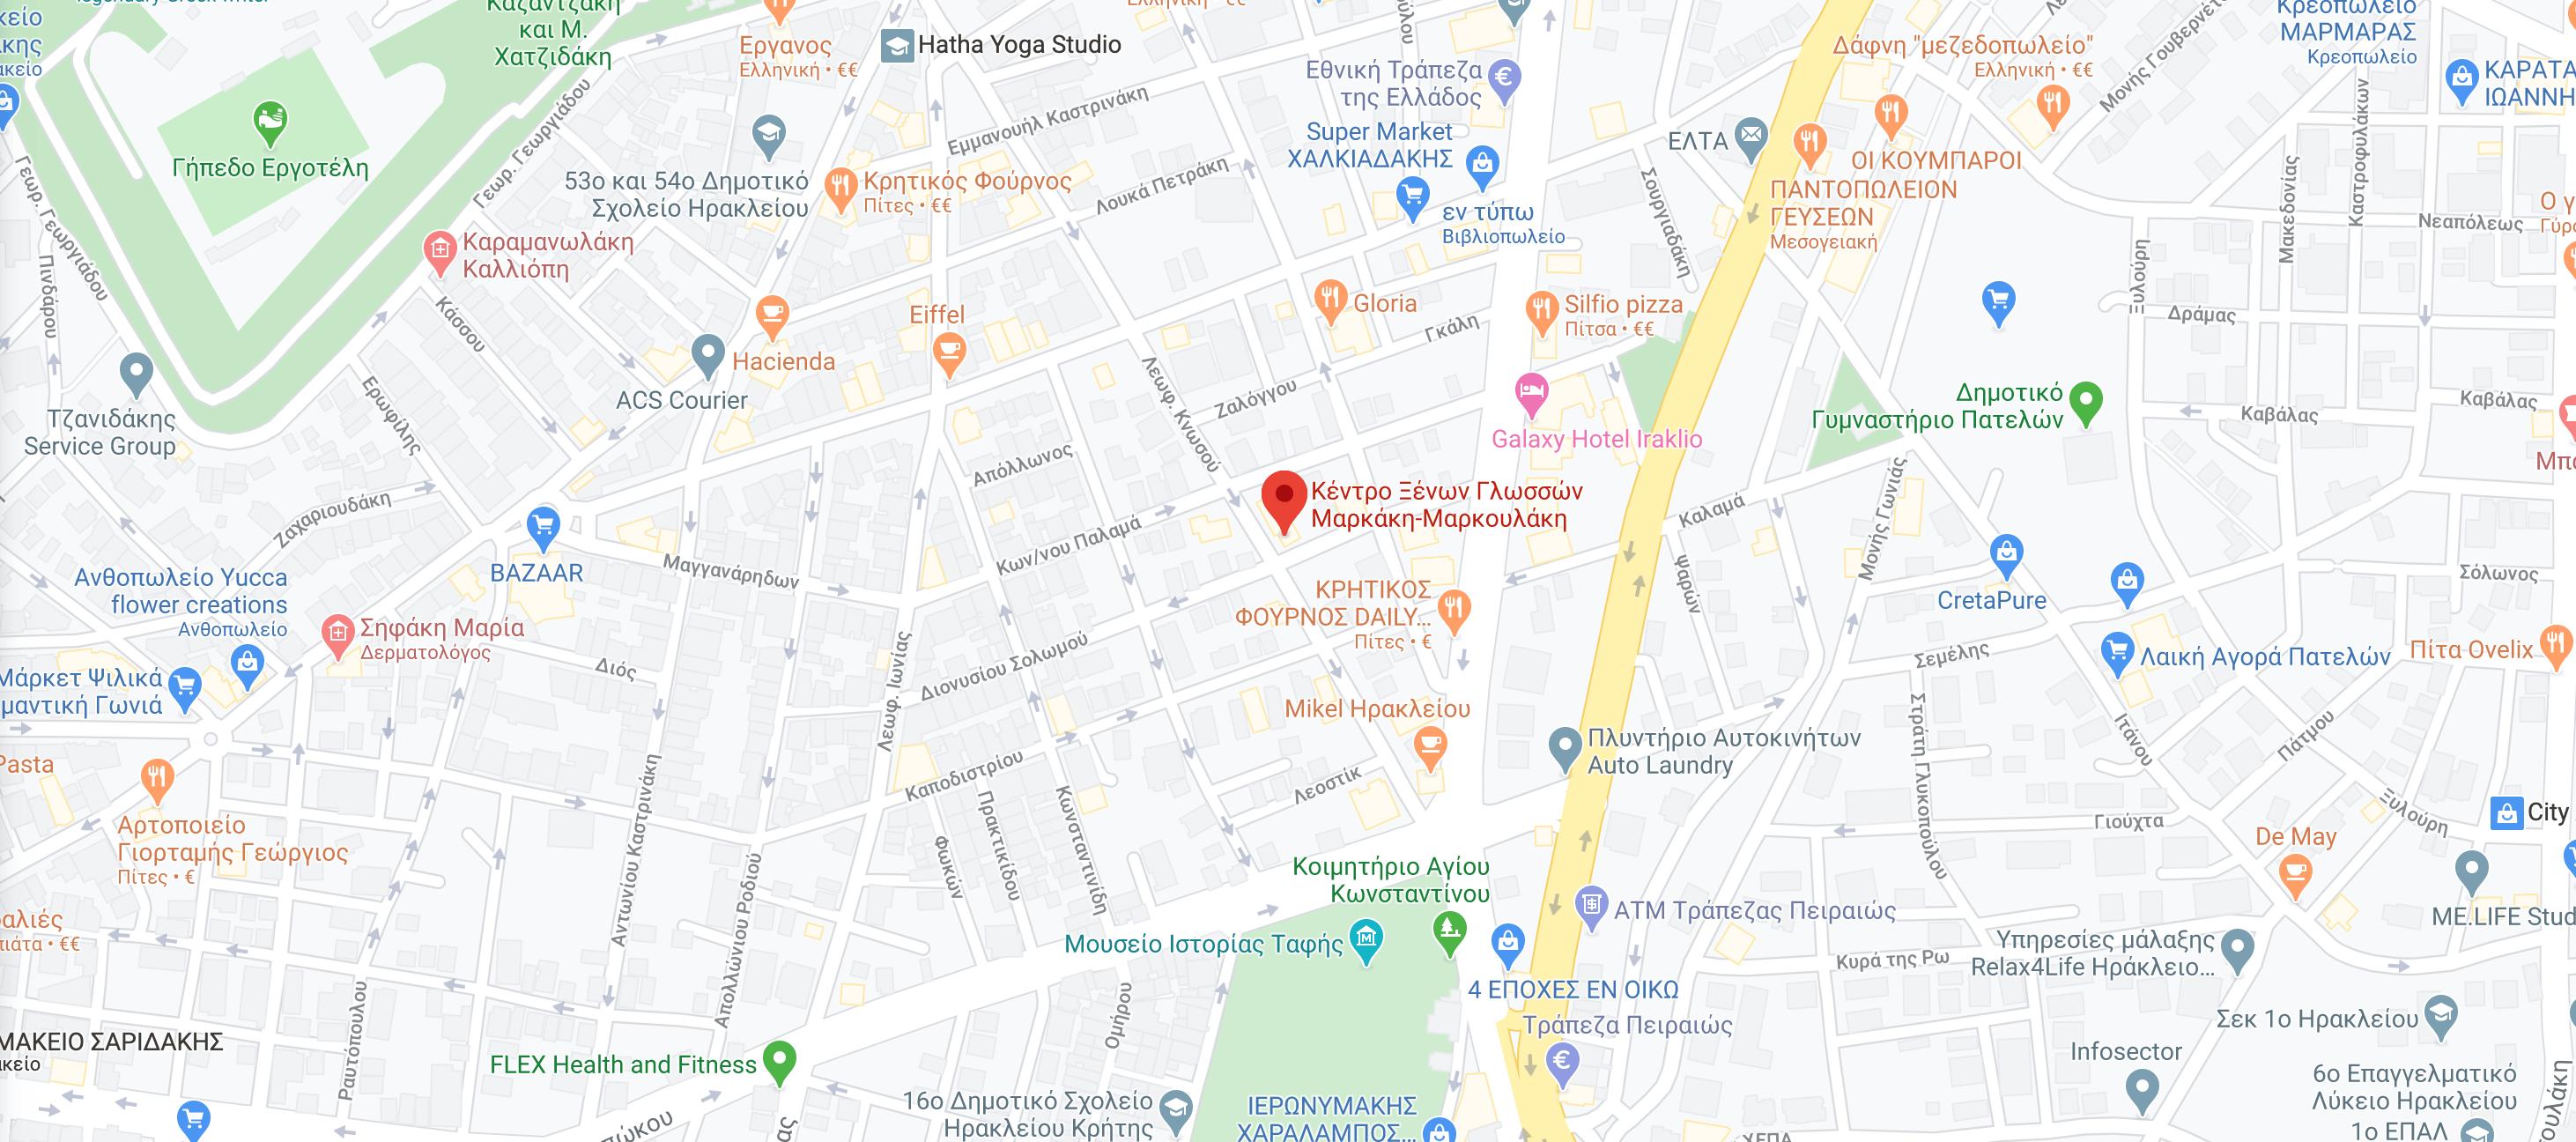 markoulaki_map